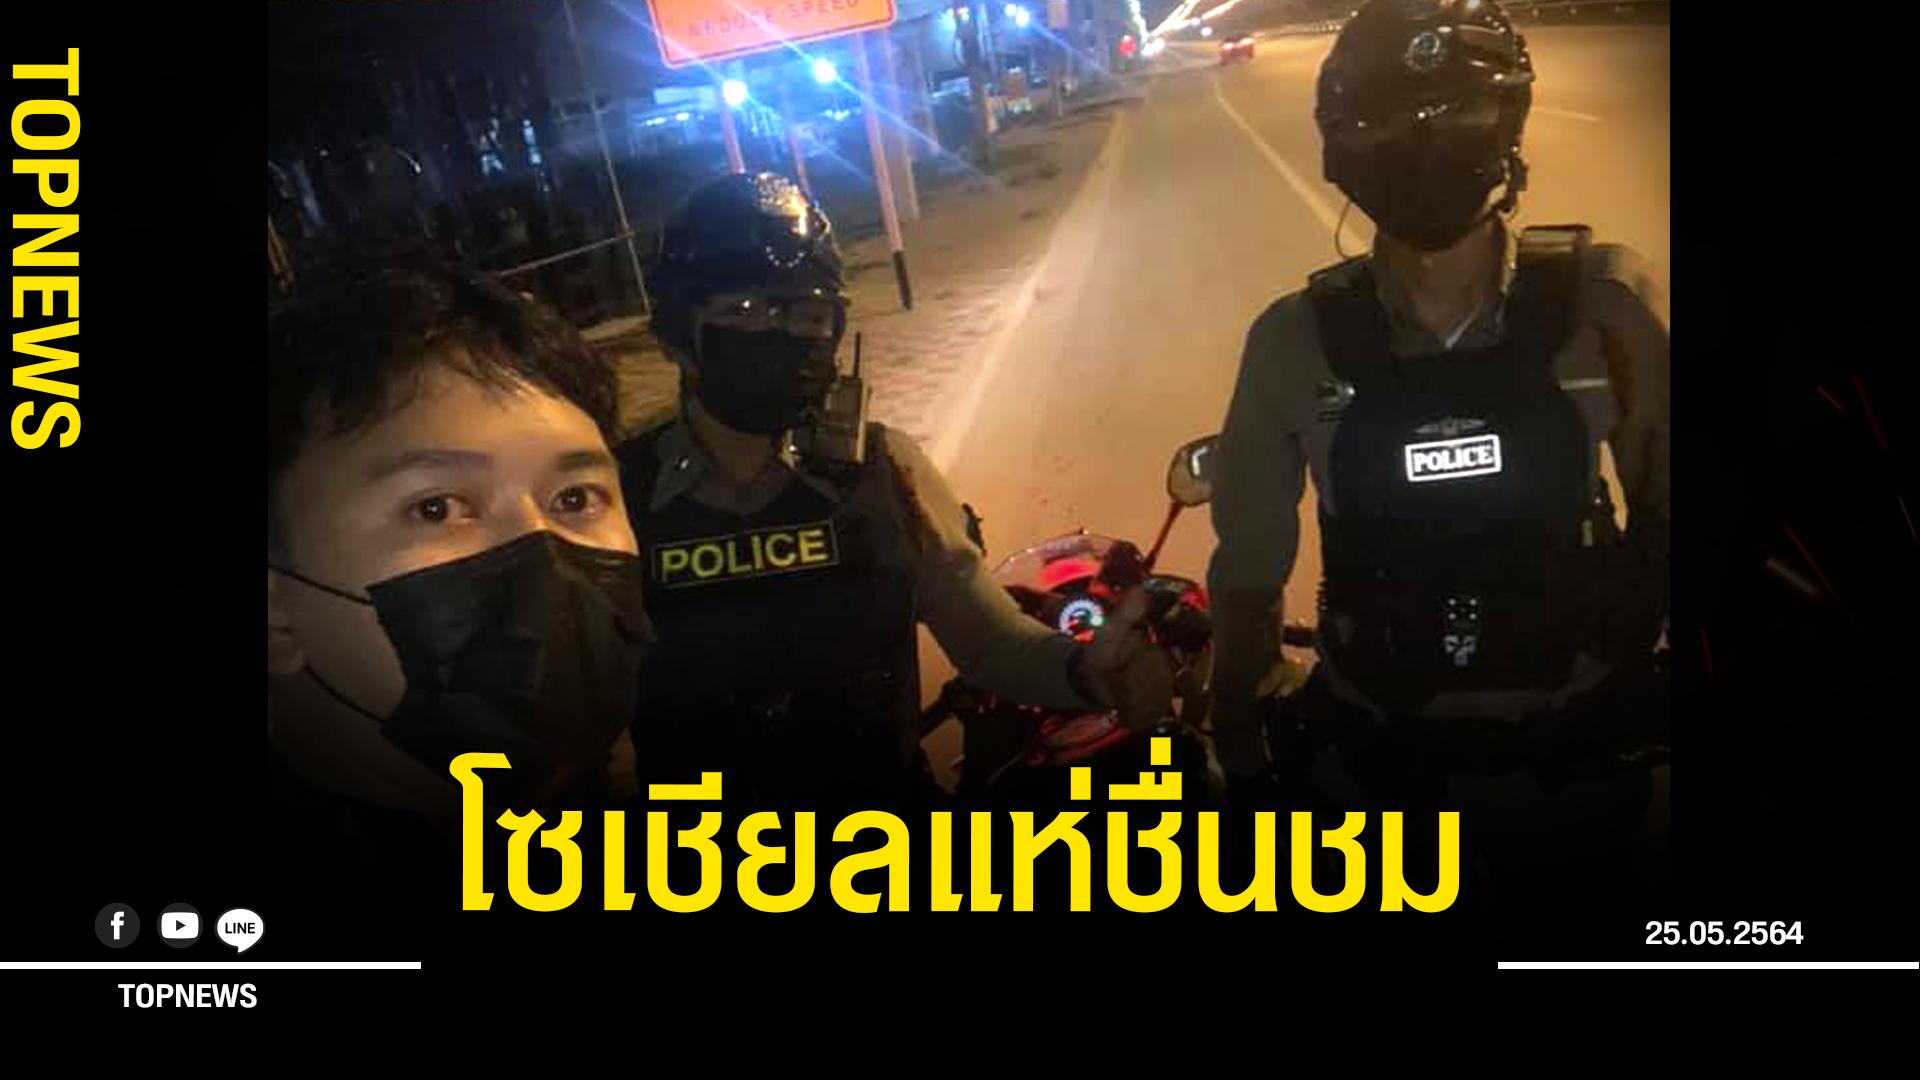 หนุ่มไรเดอร์ กลัวโดนปล้น หลังลูกค้าสั่งอาหารกลางดึก เจอพี่ตำรวจไม่รอช้ารีบชวนไปส่งของด้วยกัน!